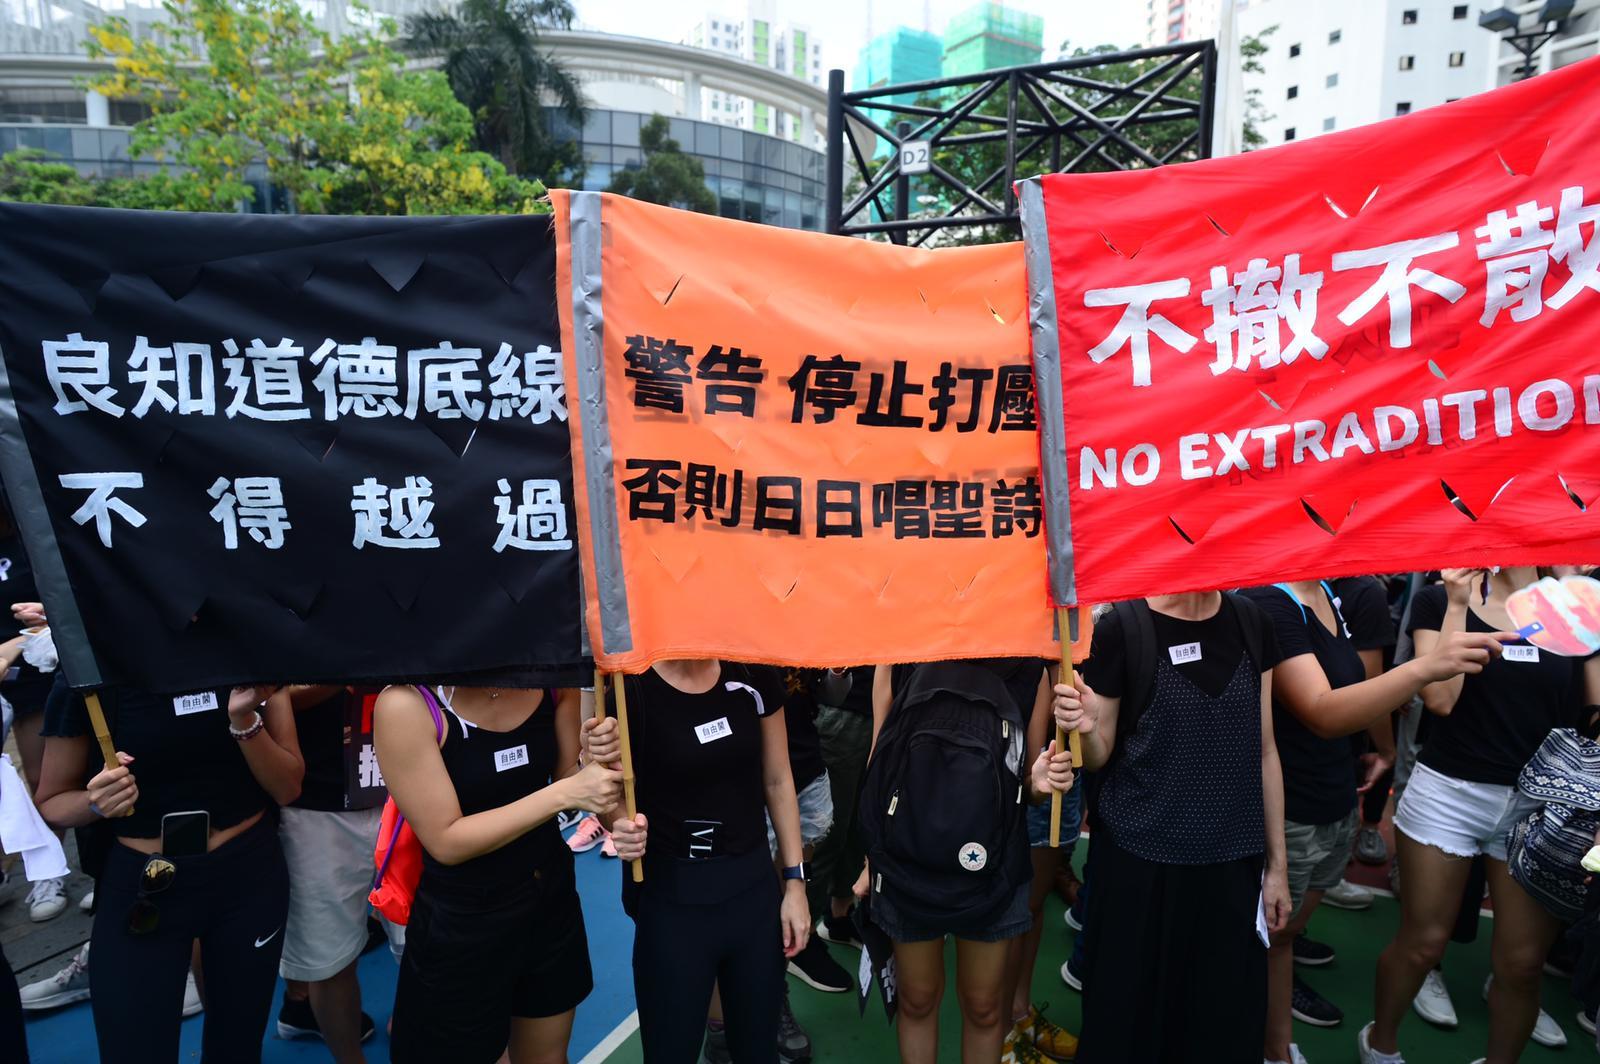 市民舉牌抗議政府未有撤回修例。